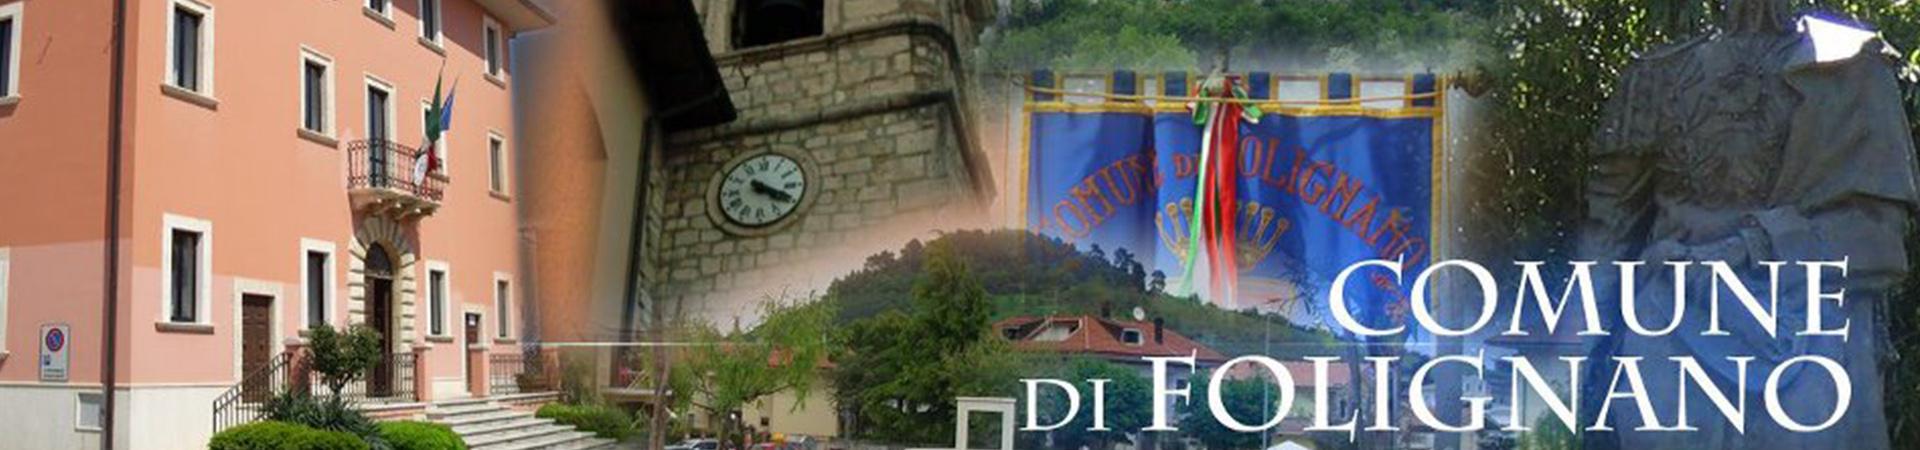 Header Comune di Folignano